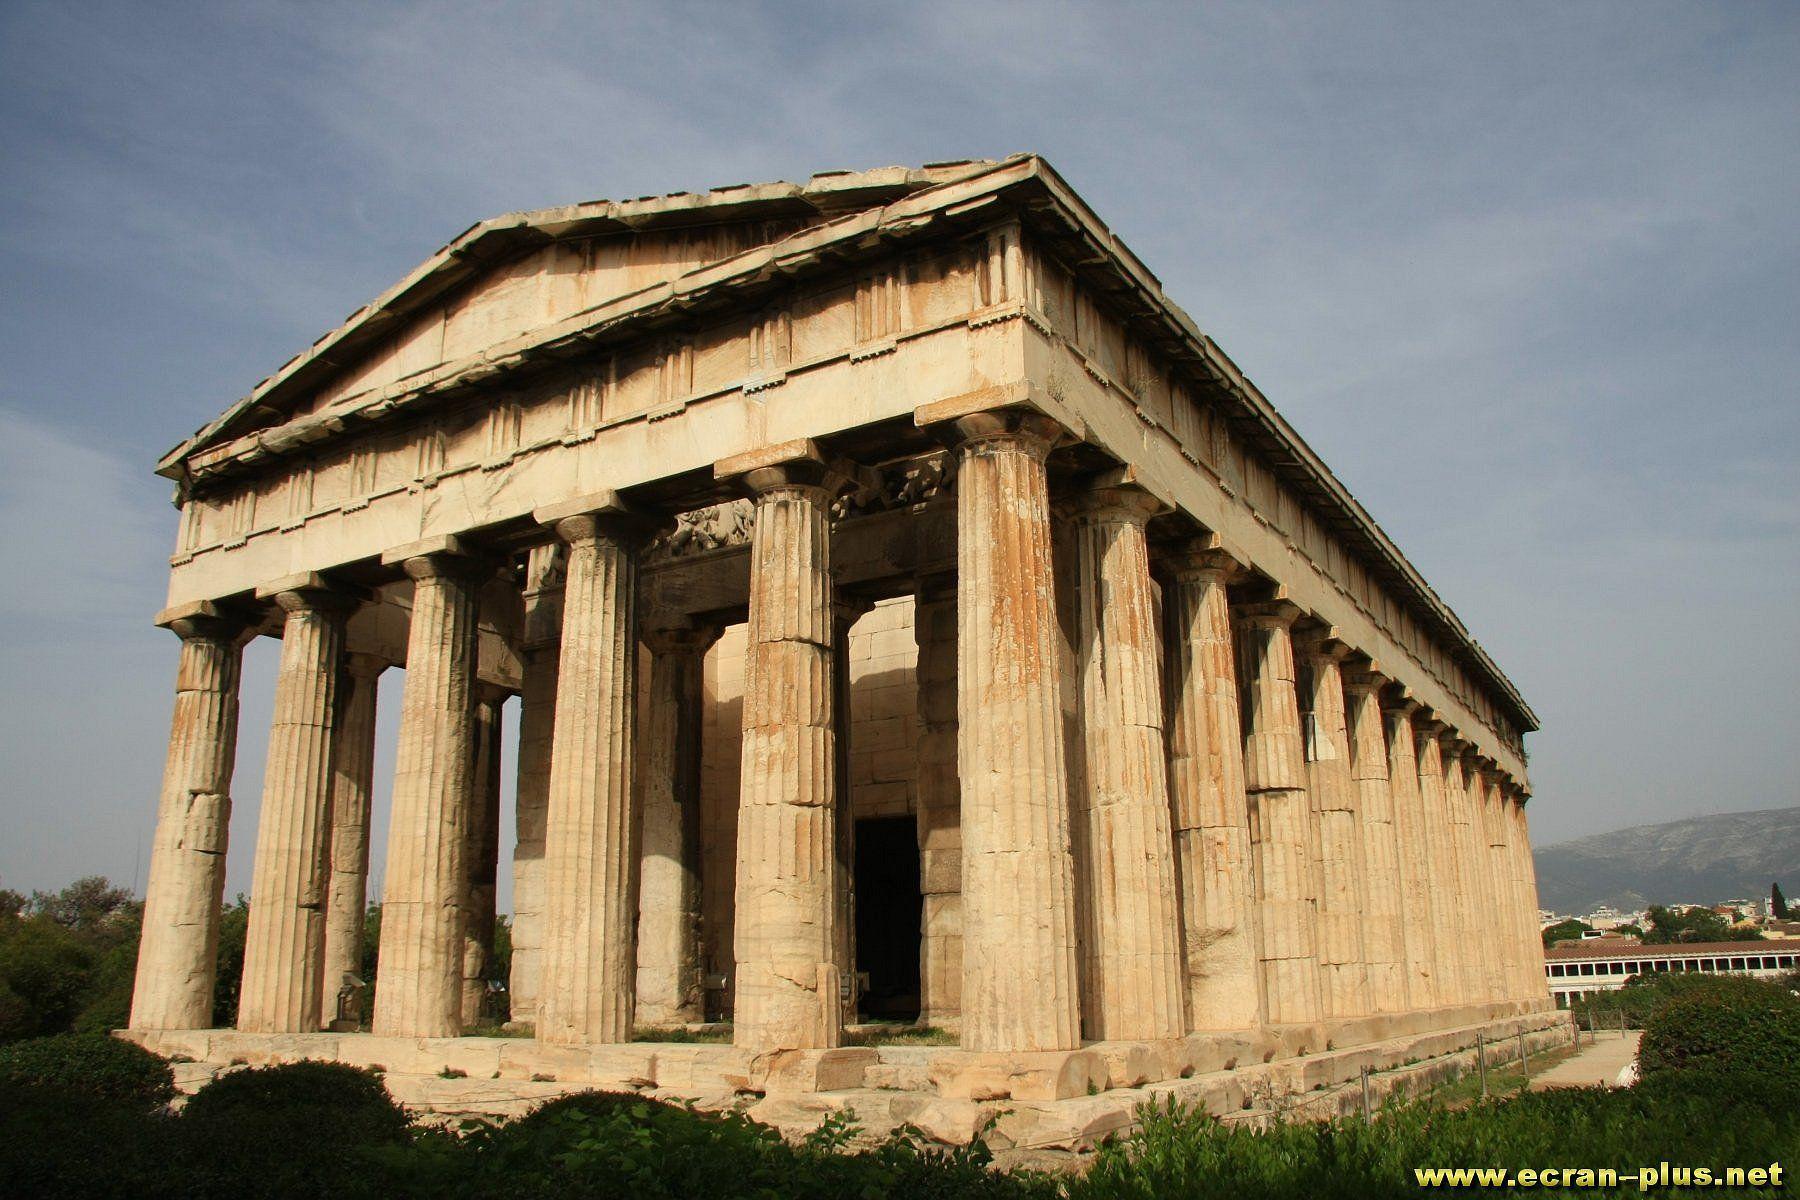 Le Temple D Hephaistos Sur L Agora Athenes Grece Avec Images